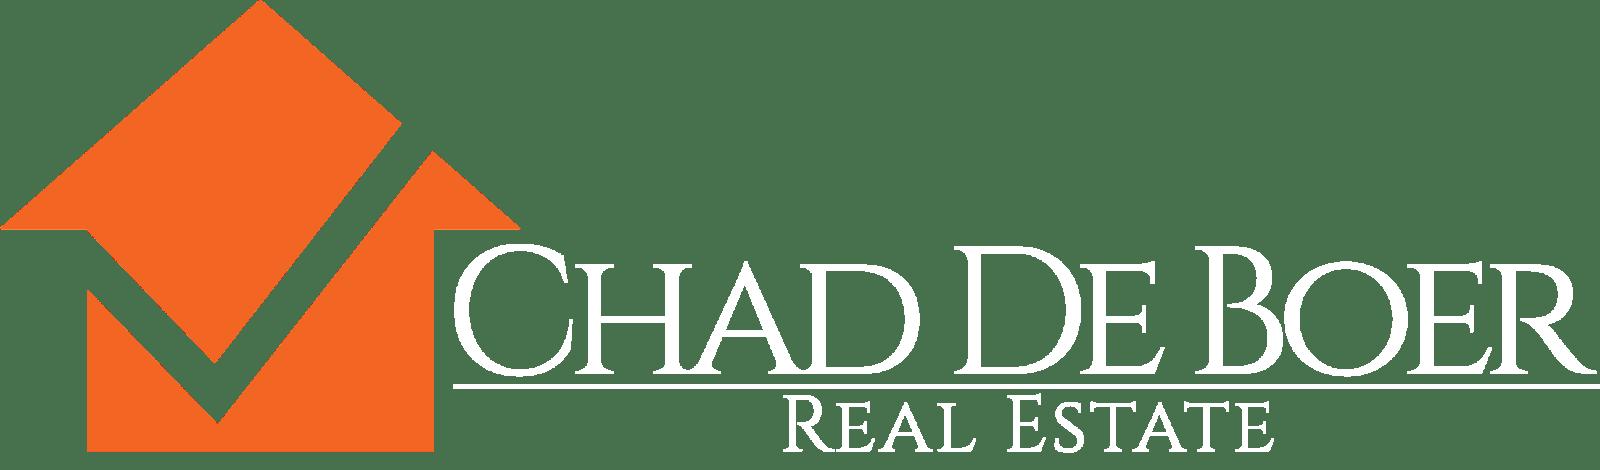 Chad Deboer